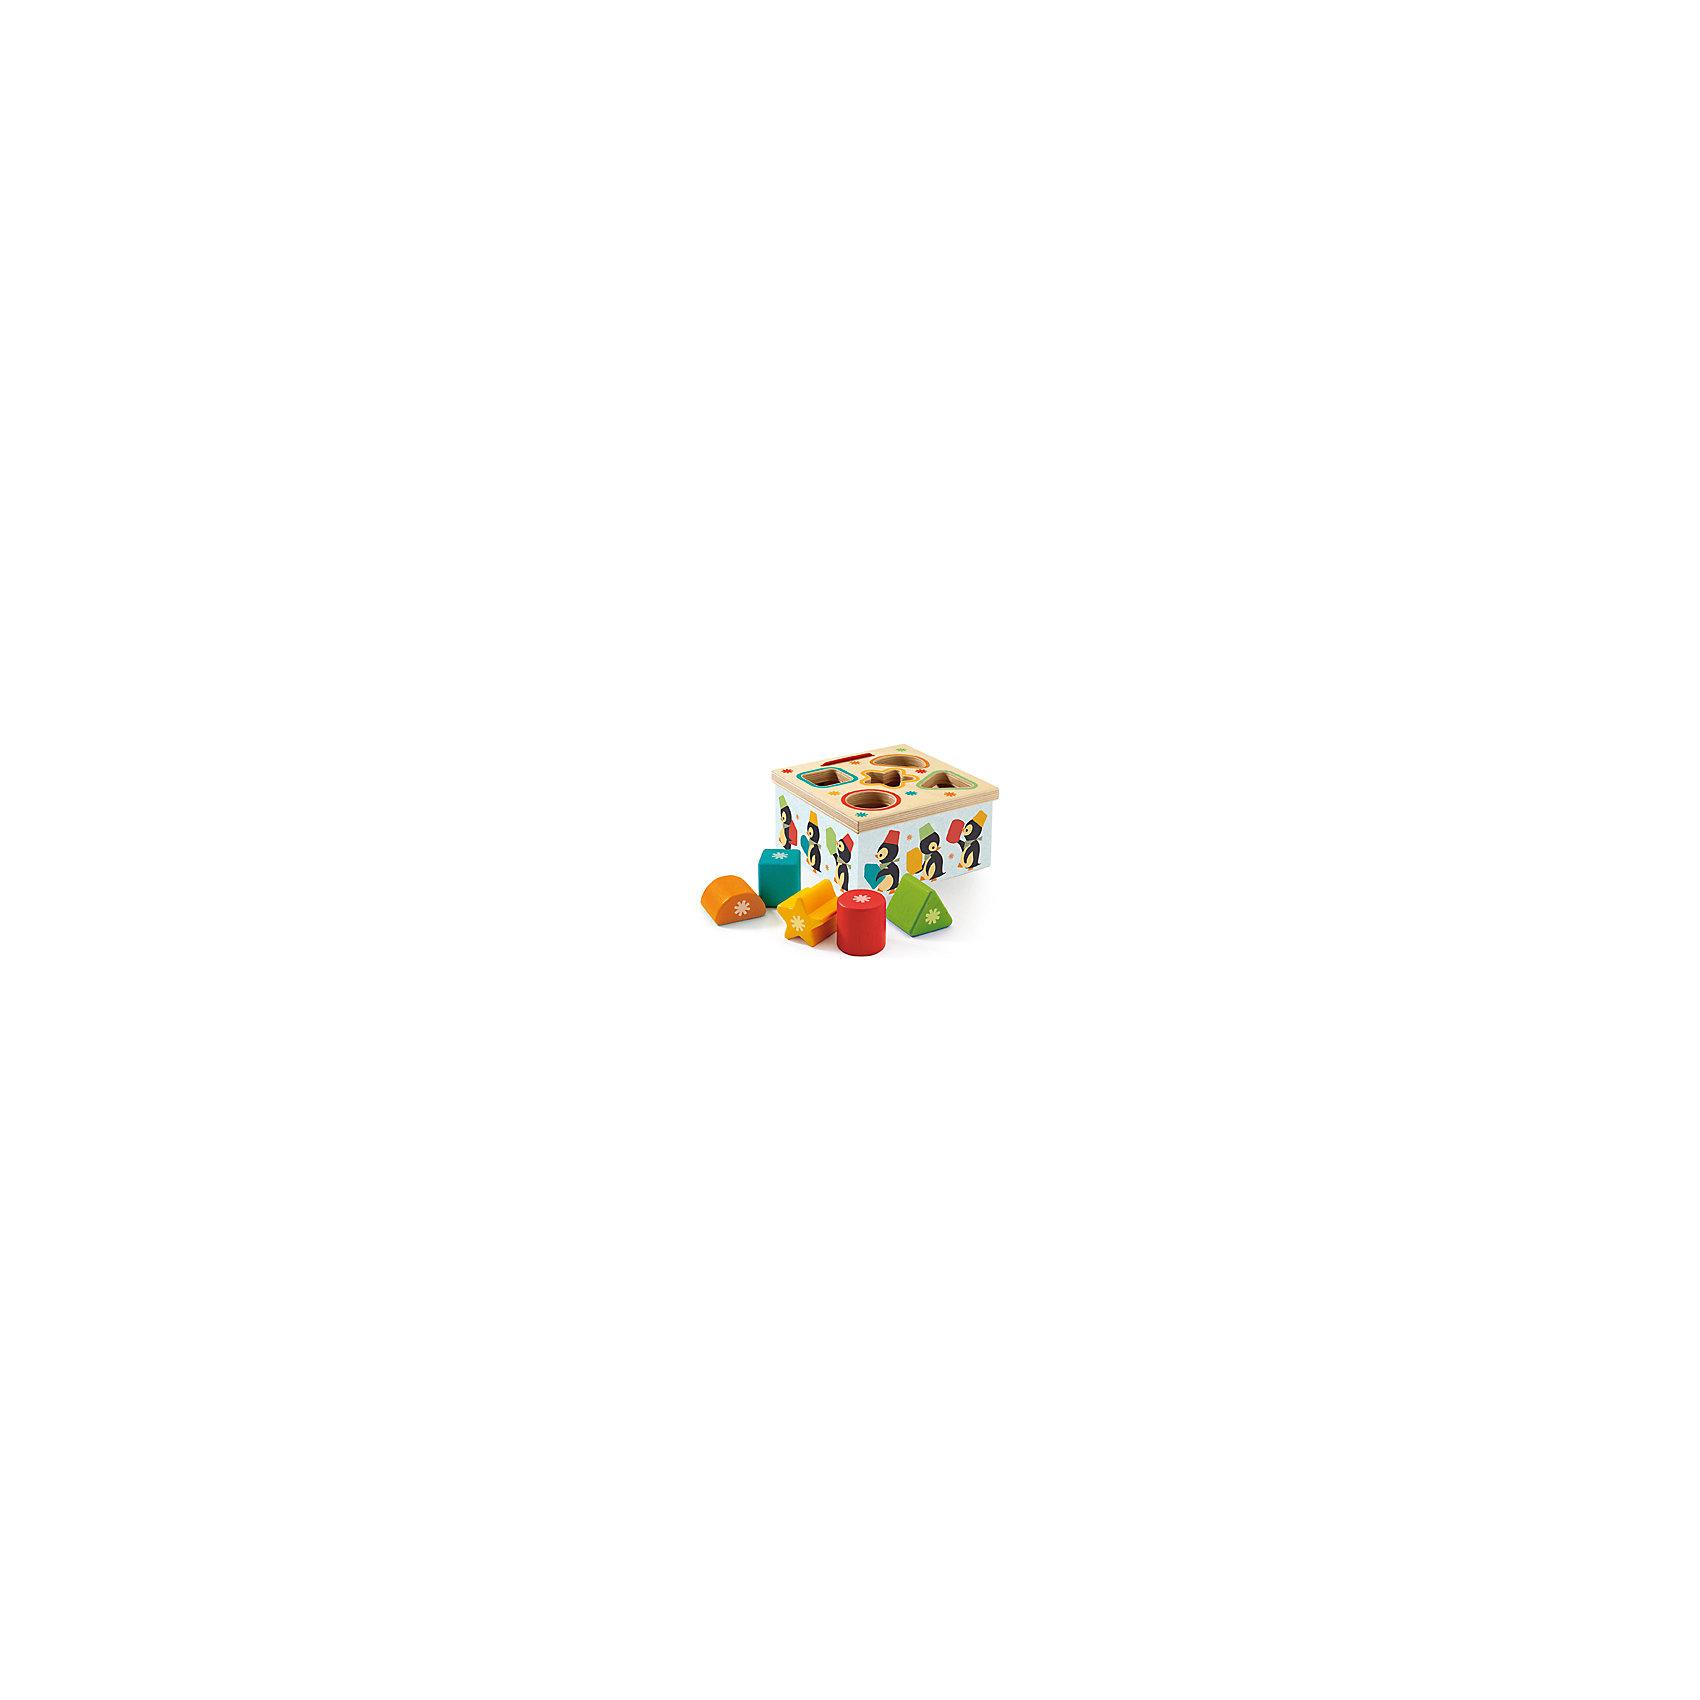 Сортер Пингвин, DJECOСортеры<br>Сортер Пингвин, Djeco (Джеко) - красочная развивающая игрушка, которая станет одной из любимых у Вашего малыша. Сортер выполнен в виде яркой коробочки, украшенной изображениями симпатичных пингвинчиков. Также в комплект входят разноцветные геометрические фигуры. В верхней части сортера имеются отверстия различных геометрических форм. Малышу предлагается найти фигуры, соответствующие отверстиям и поместить их в углубления. Все предметы изготовлены из высококачественного, экологически чистого материала - дерева и покрыты безопасными красками без запаха. Игрушка развивает логическое мышление, усидчивость и мелкую моторику рук, знакомит ребенка с цветами и формами.<br><br>Дополнительная информация:<br><br>- В комплекте: сортер, 5 геометрических фигурок.<br>- Материал: дерево.<br>- Размер игрушки: 12 х 6,5 х 2 см.<br>- Размер упаковки: 13 х 13 х 7 см.<br>- Вес: 0,3 кг.<br><br>Сортер Пингвин, Djeco (Джеко), можно купить в нашем магазине.<br><br>Ширина мм: 130<br>Глубина мм: 130<br>Высота мм: 70<br>Вес г: 330<br>Возраст от месяцев: 180<br>Возраст до месяцев: 540<br>Пол: Унисекс<br>Возраст: Детский<br>SKU: 4566299